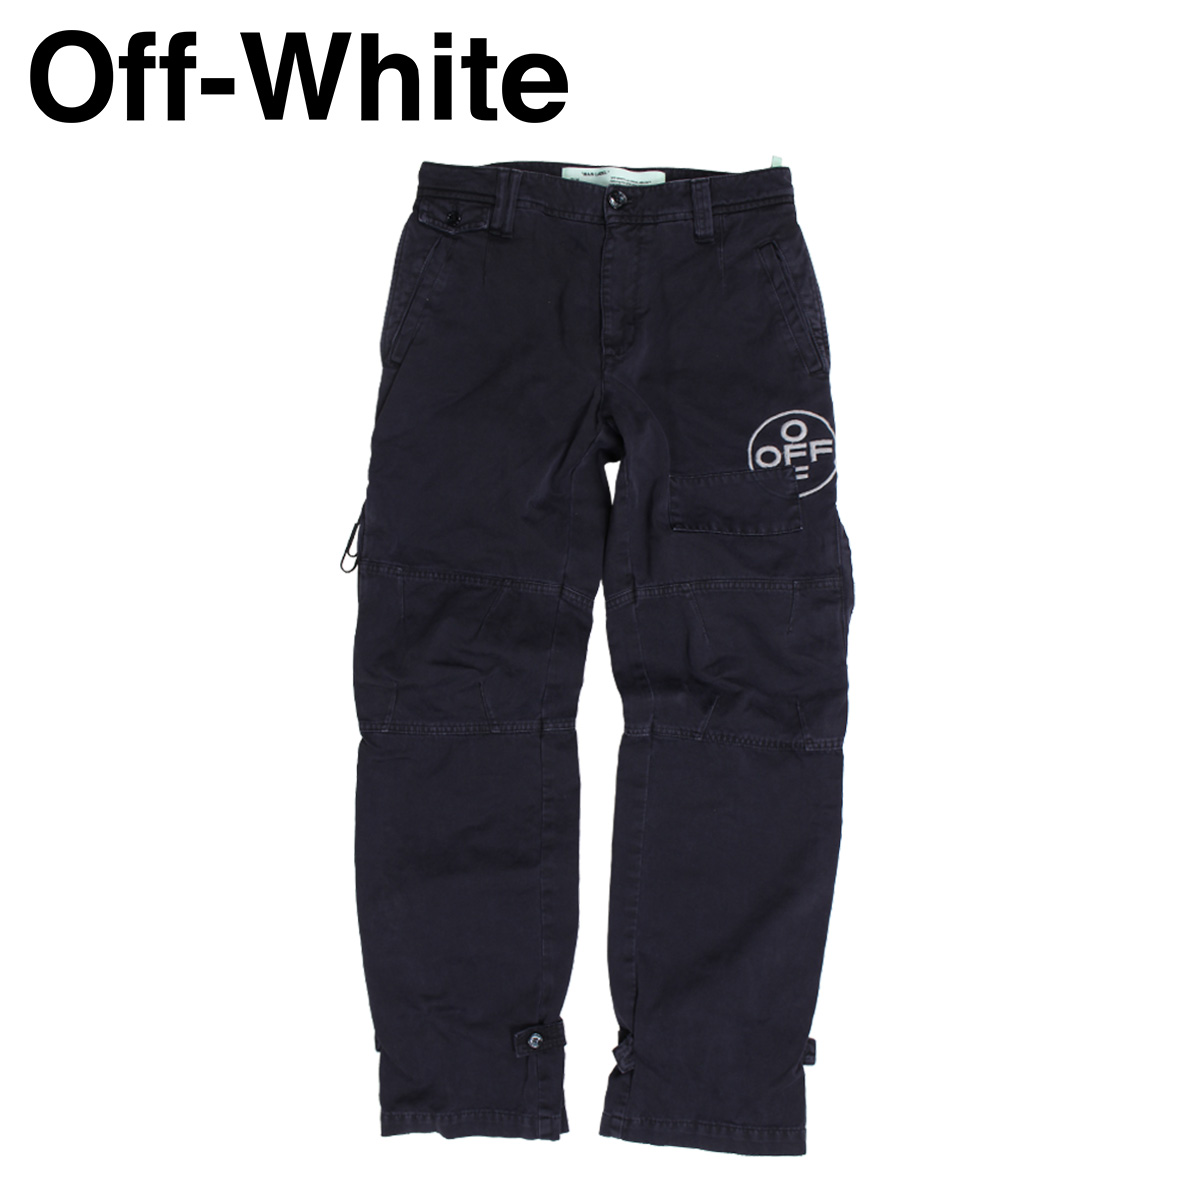 オフホワイト Off-white パンツ メンズ カーゴパンツ TAPERED COTTON CARGO TROUSERS ブラック 黒 OMCG007 515021